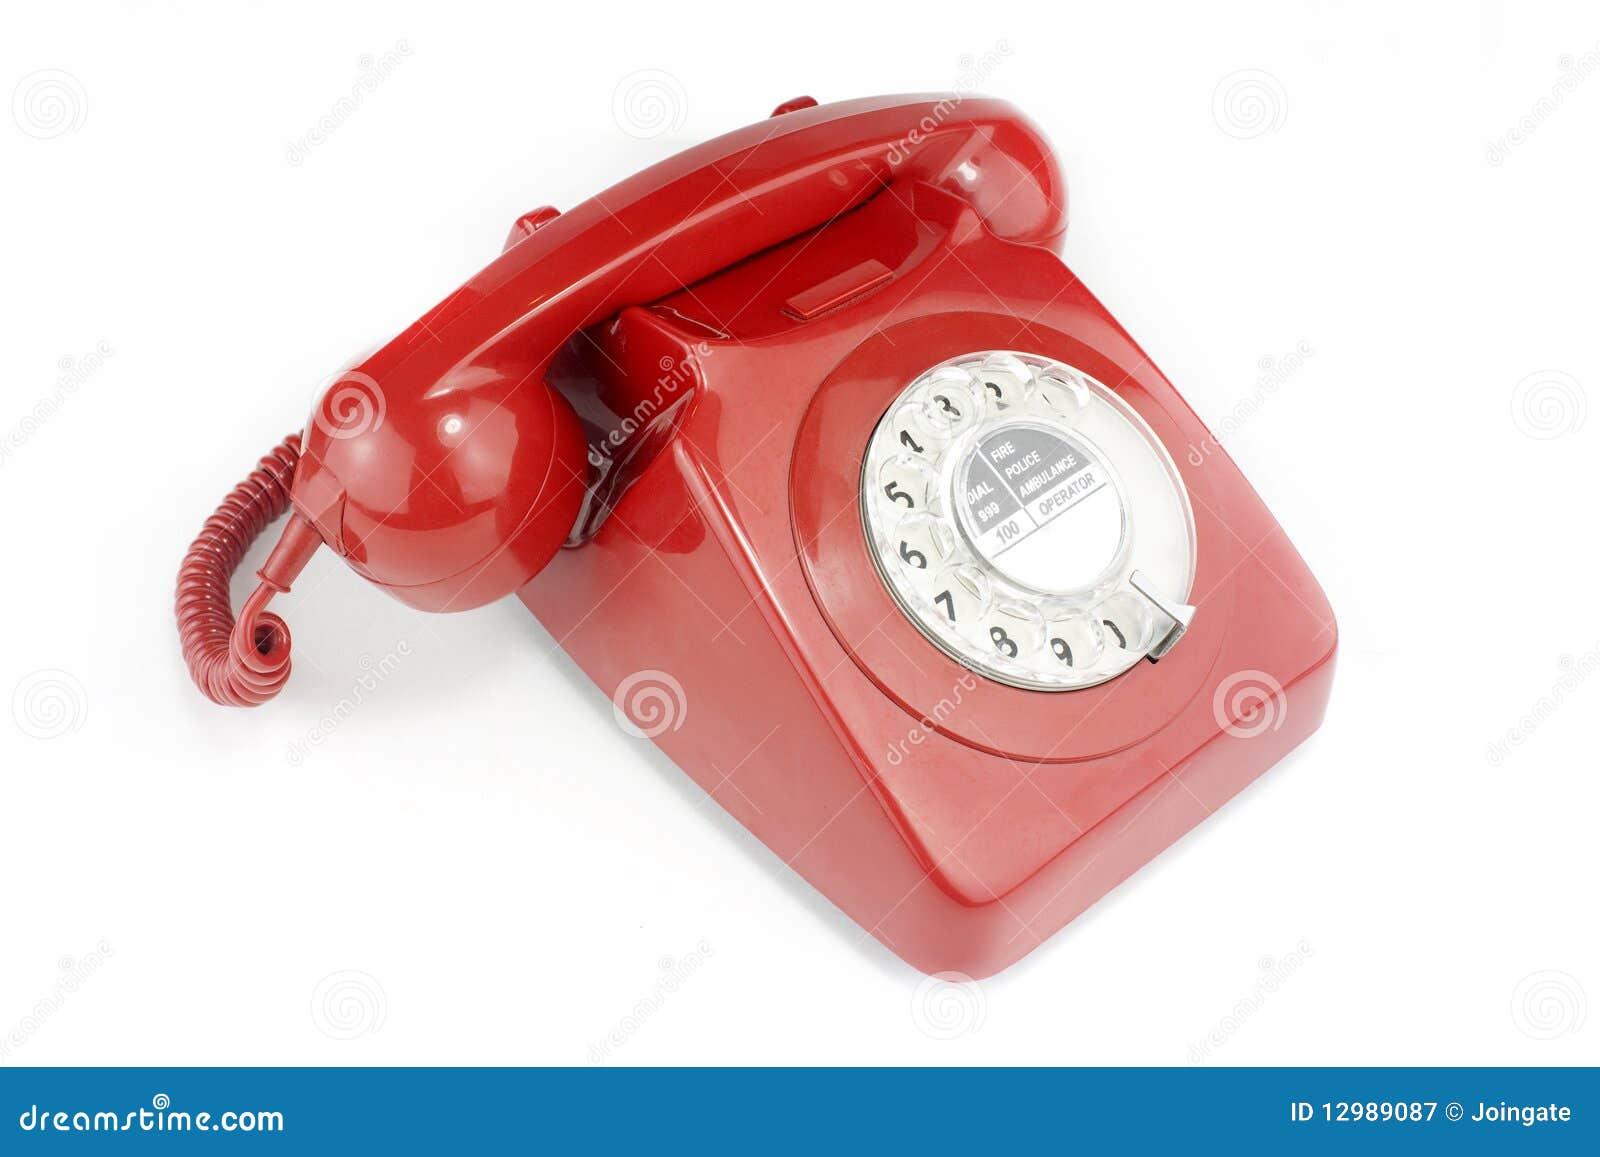 combin t l phonique de t l phone rouge lumineux d mod. Black Bedroom Furniture Sets. Home Design Ideas